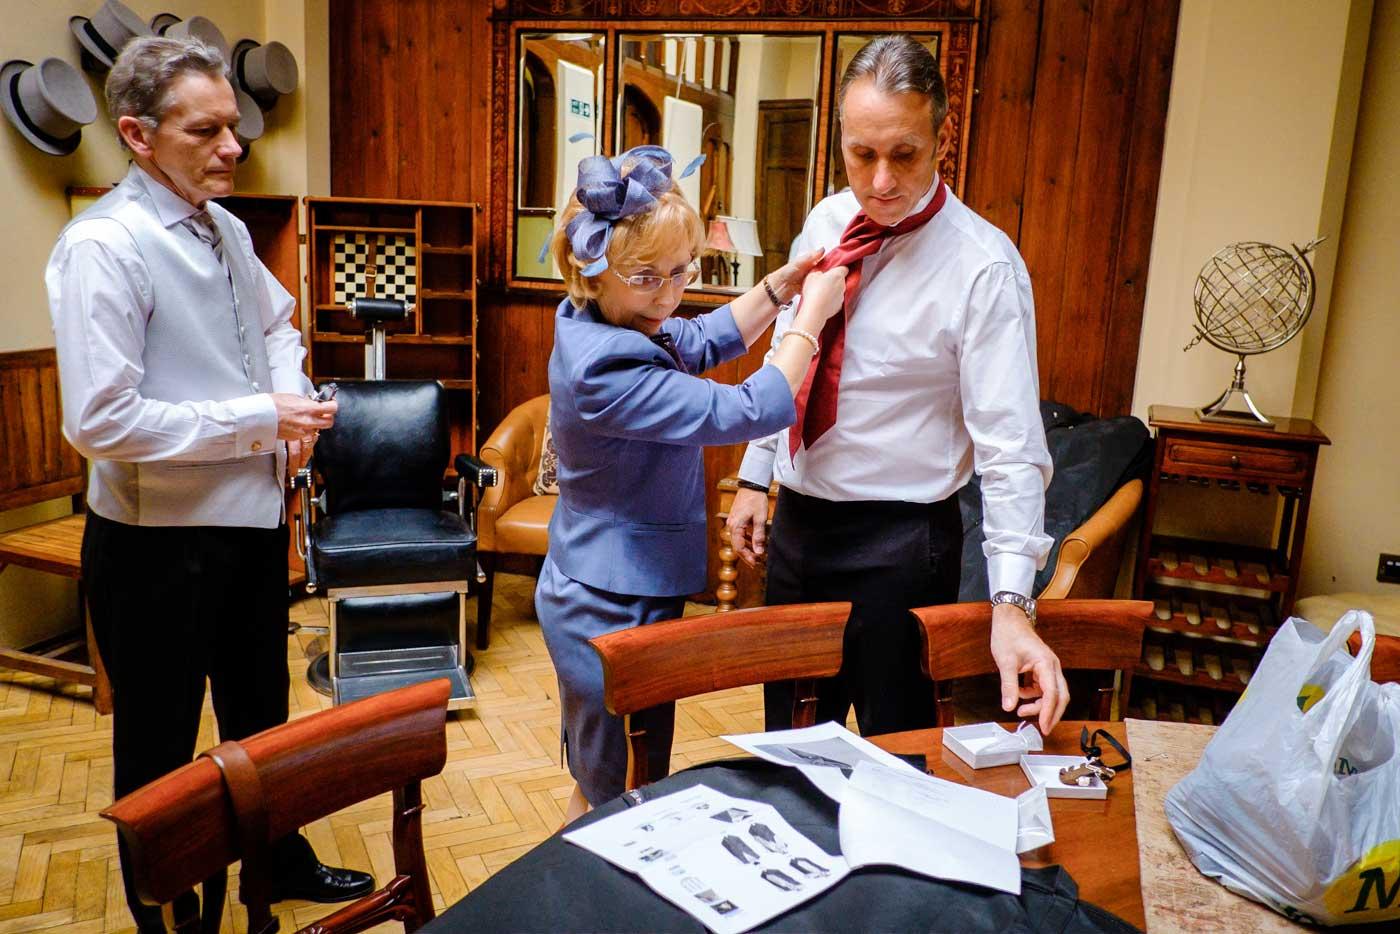 Groom's mother-in-law helping groom to tie his cravat